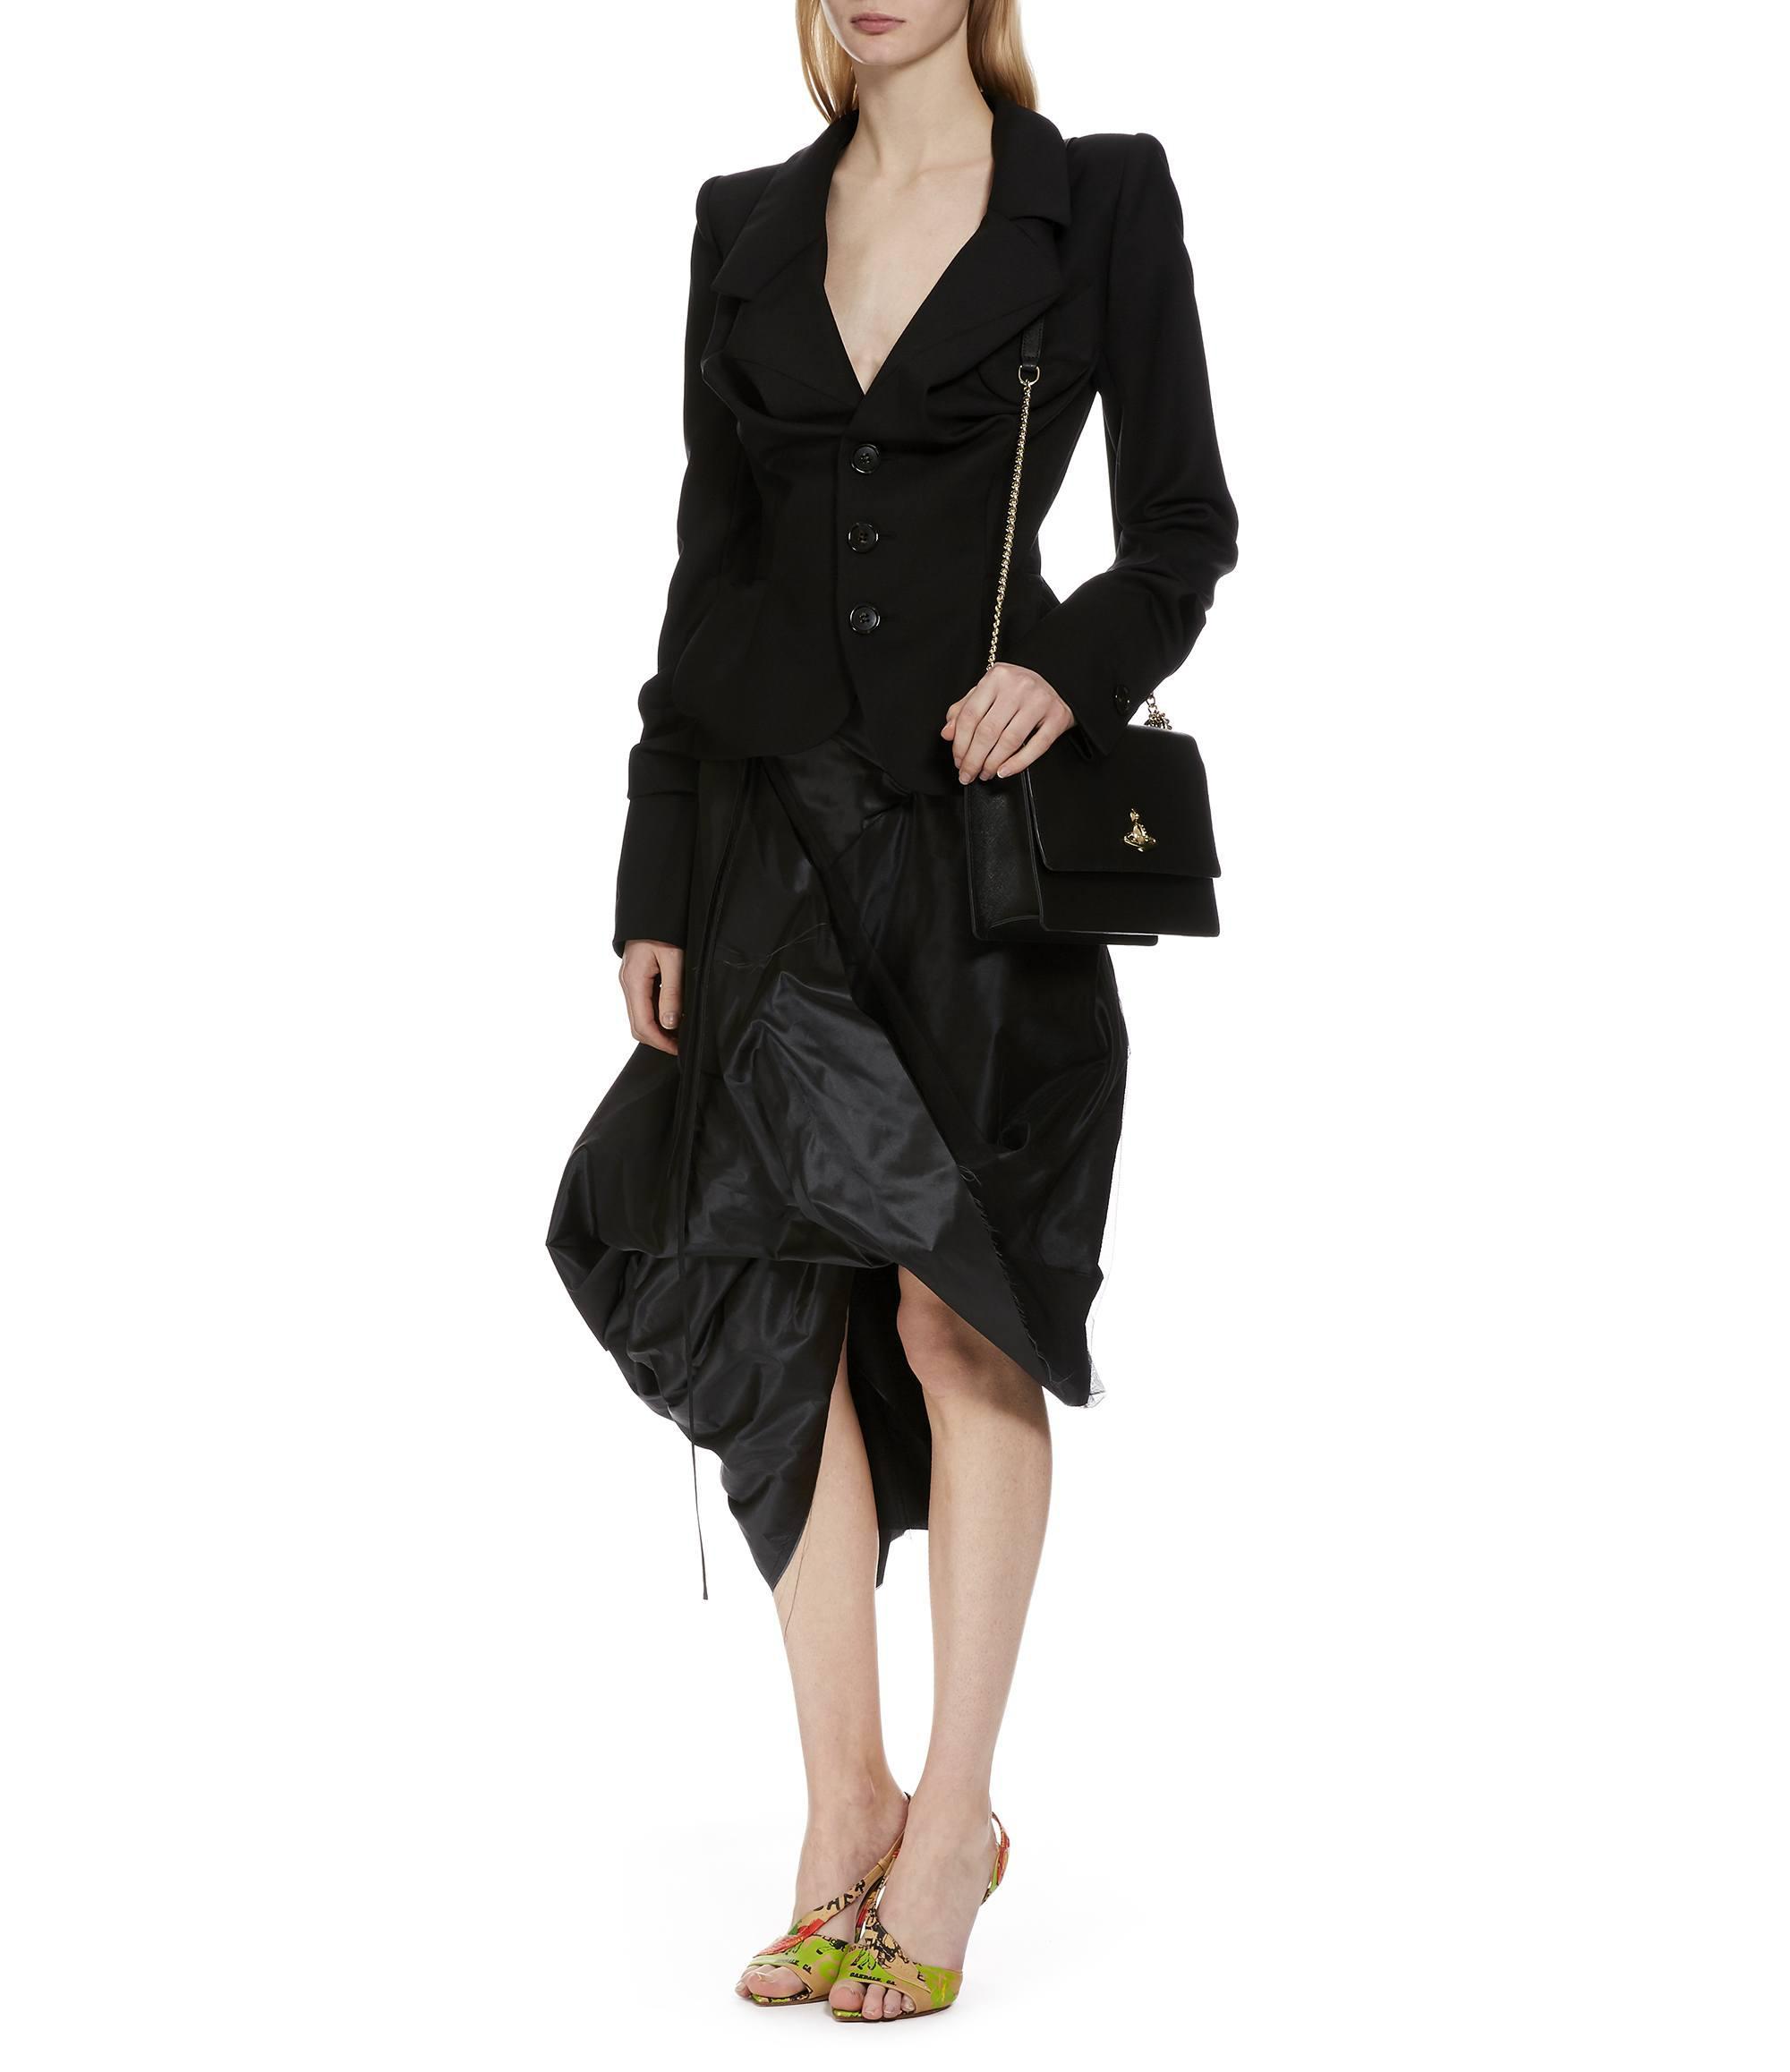 vivienne westwood large pimlico bag 41020002 black in black lyst. Black Bedroom Furniture Sets. Home Design Ideas